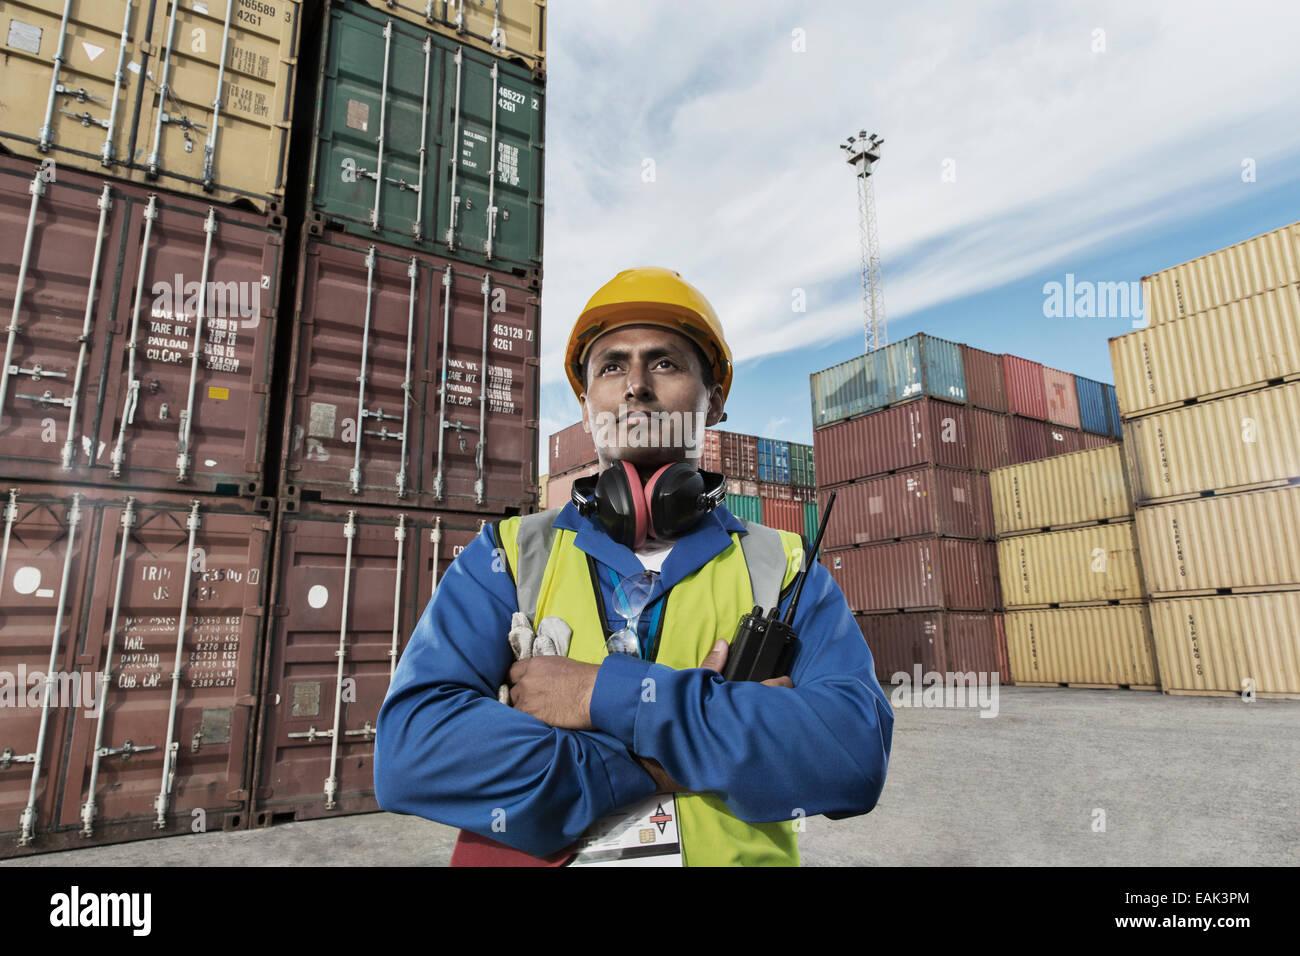 Worker près de conteneurs de fret Photo Stock